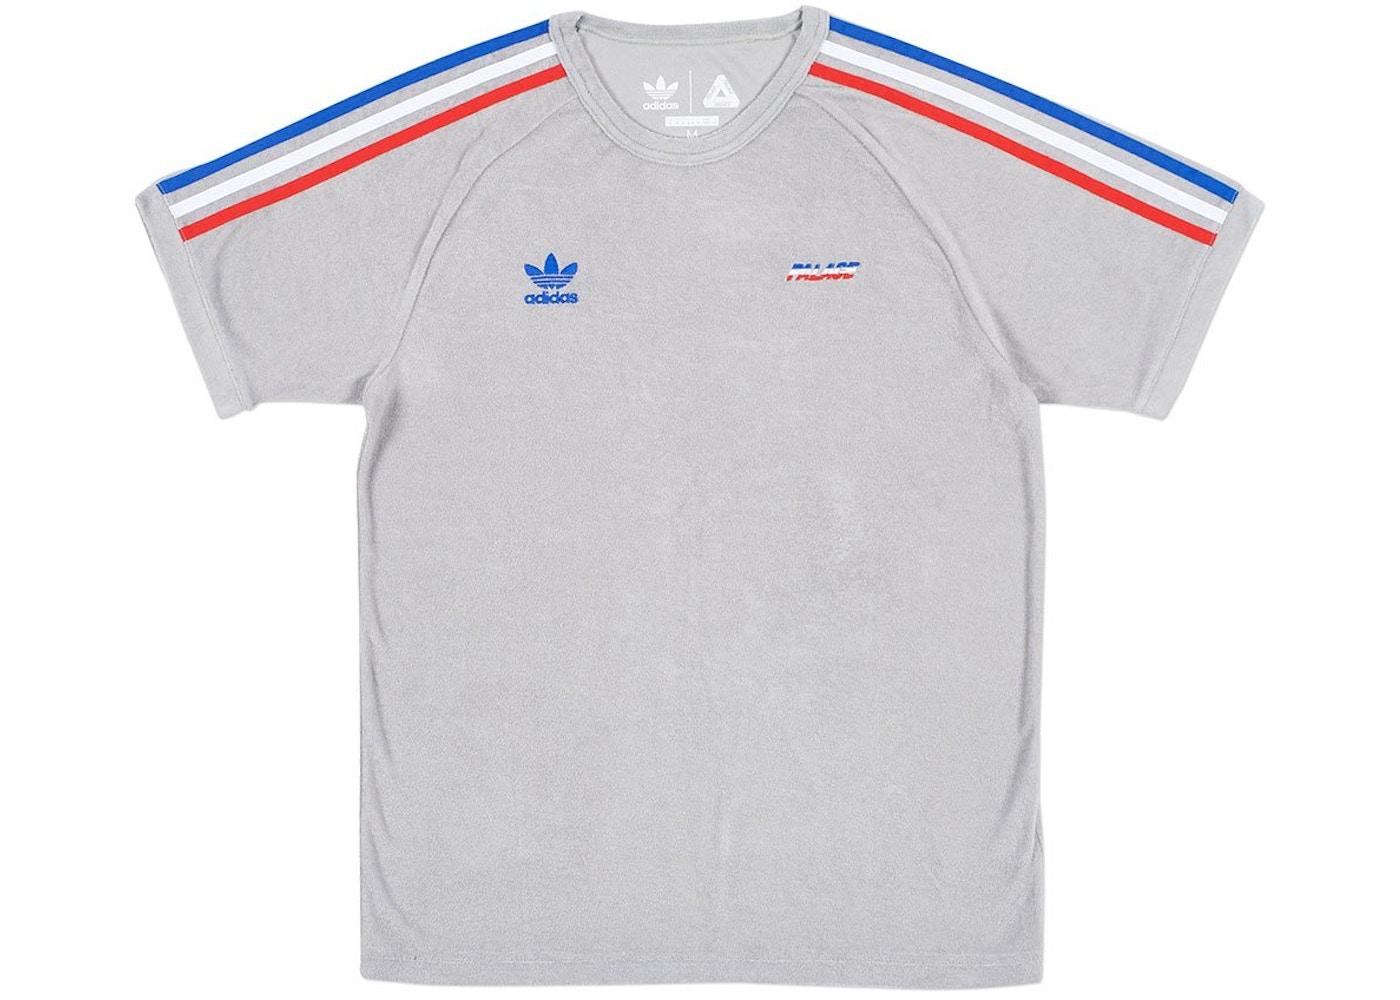 4070923c Palace adidas Terry T-Shirt Grey - SS18